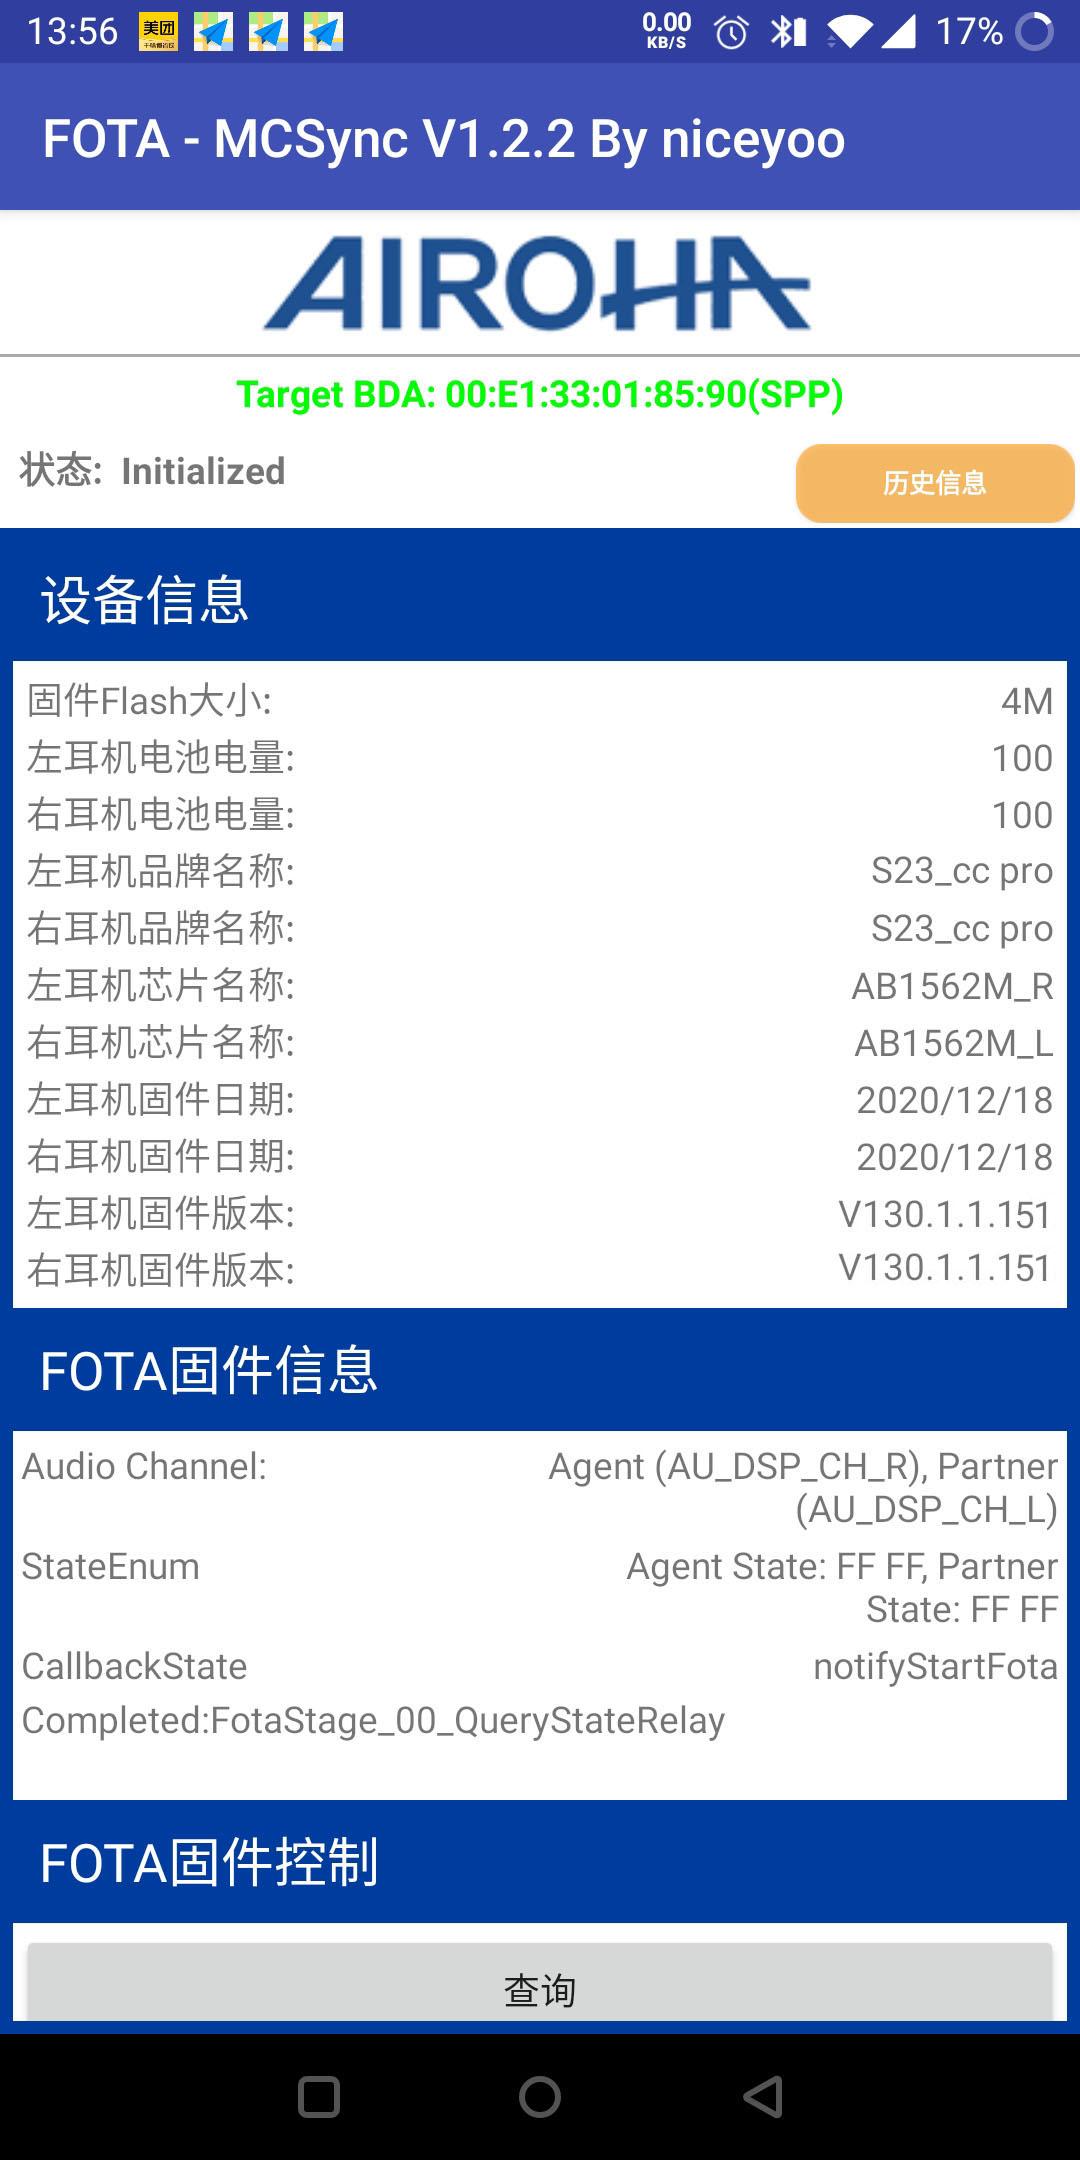 华强北悦虎最新151固件,1562M芯片151固件下载,各版本永久更新